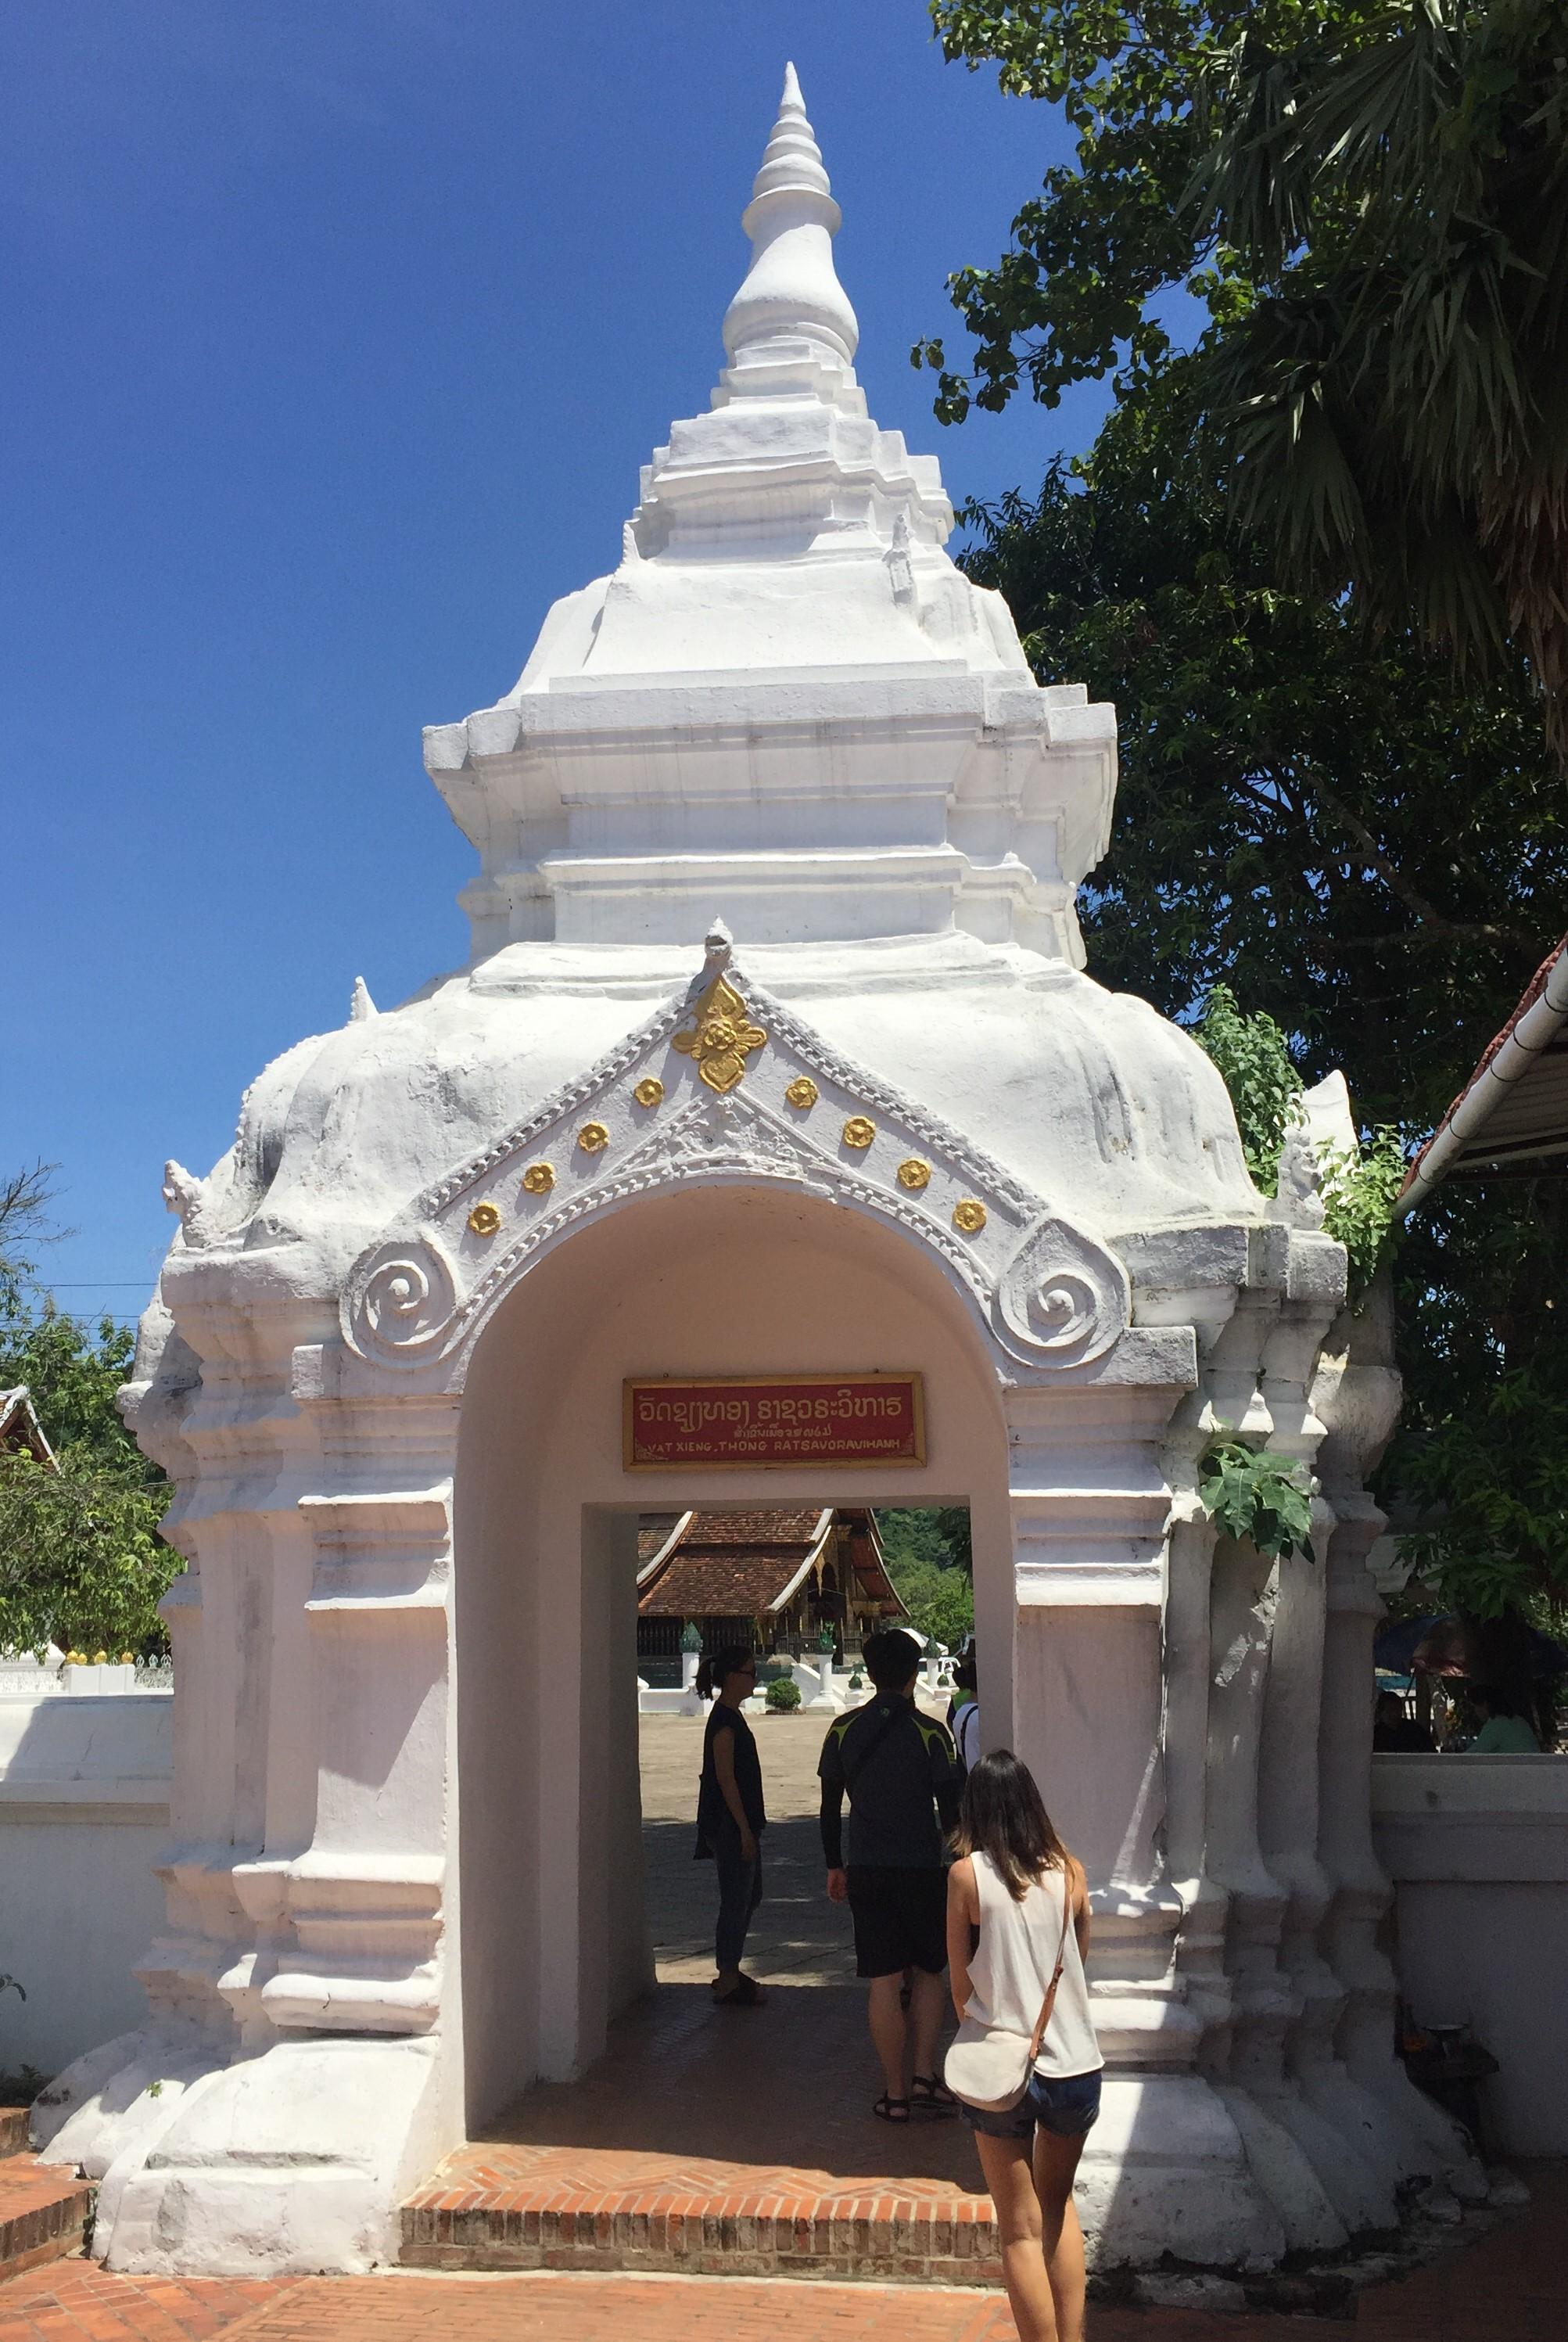 루앙프라방:루앙프라방의 대표사원, 왓 씨앙통(Wat ..